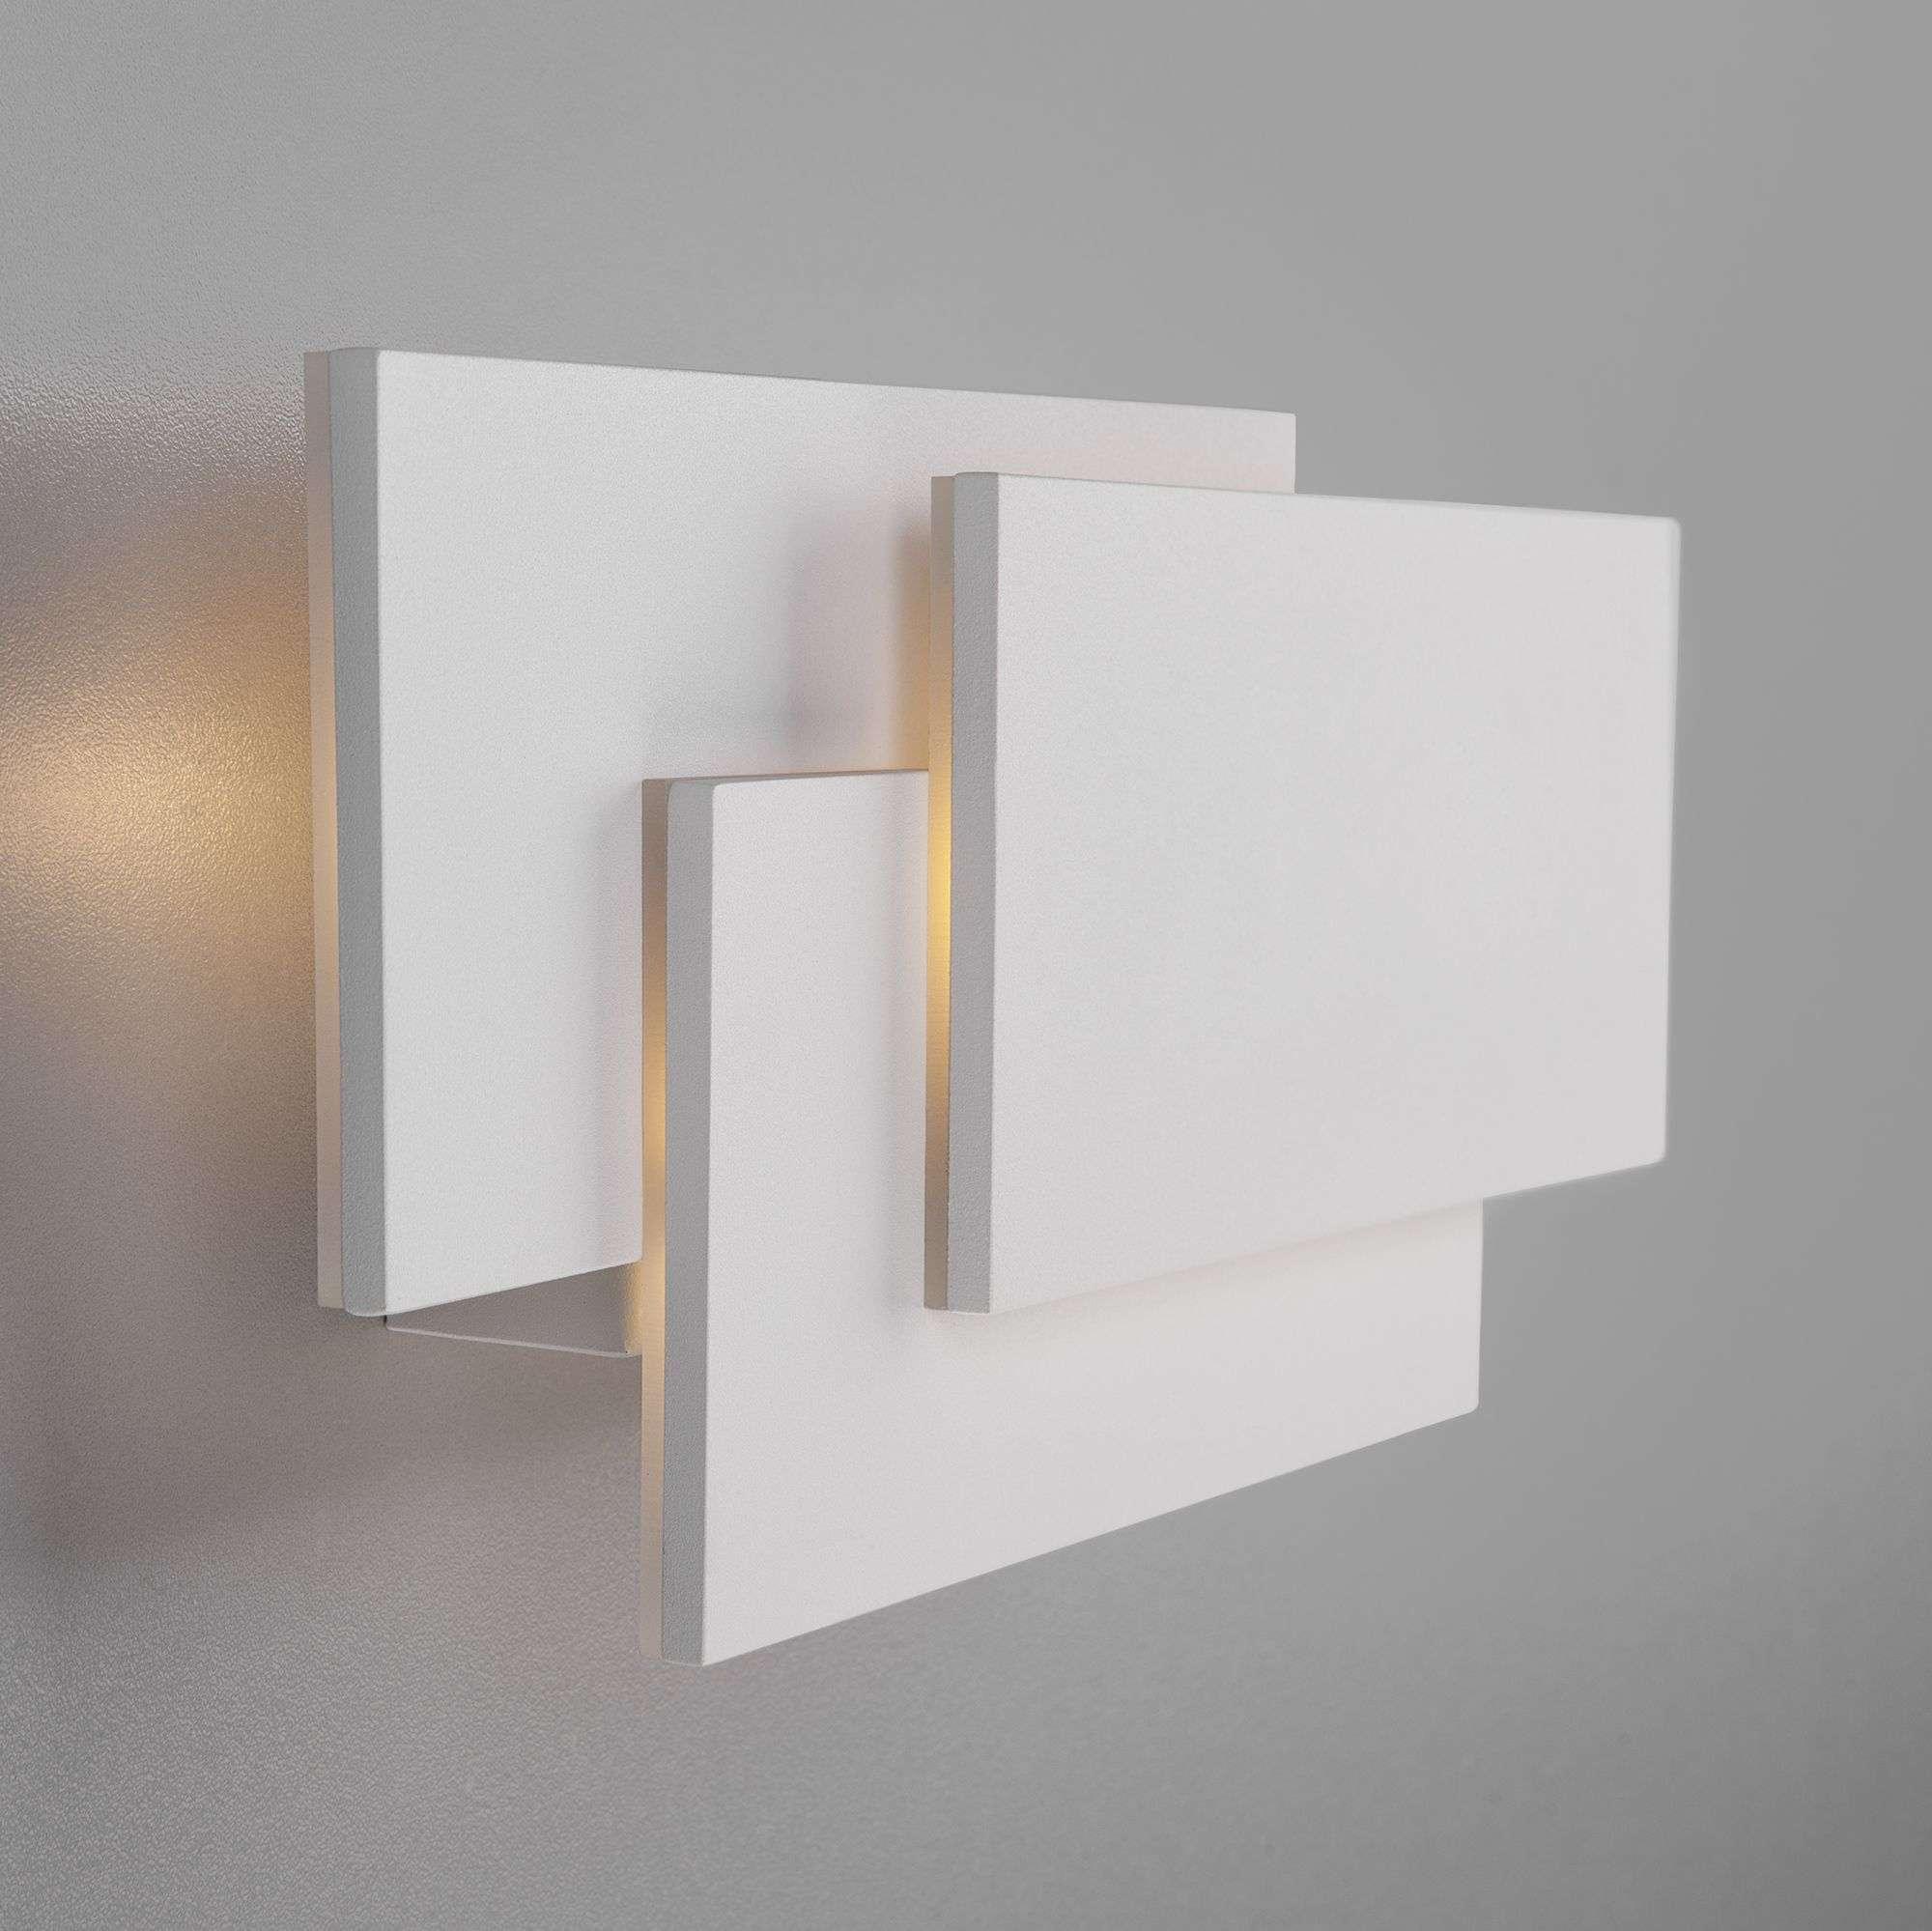 Настенный светодиодный светильник Inside LED MRL LED 12W 1012 IP20